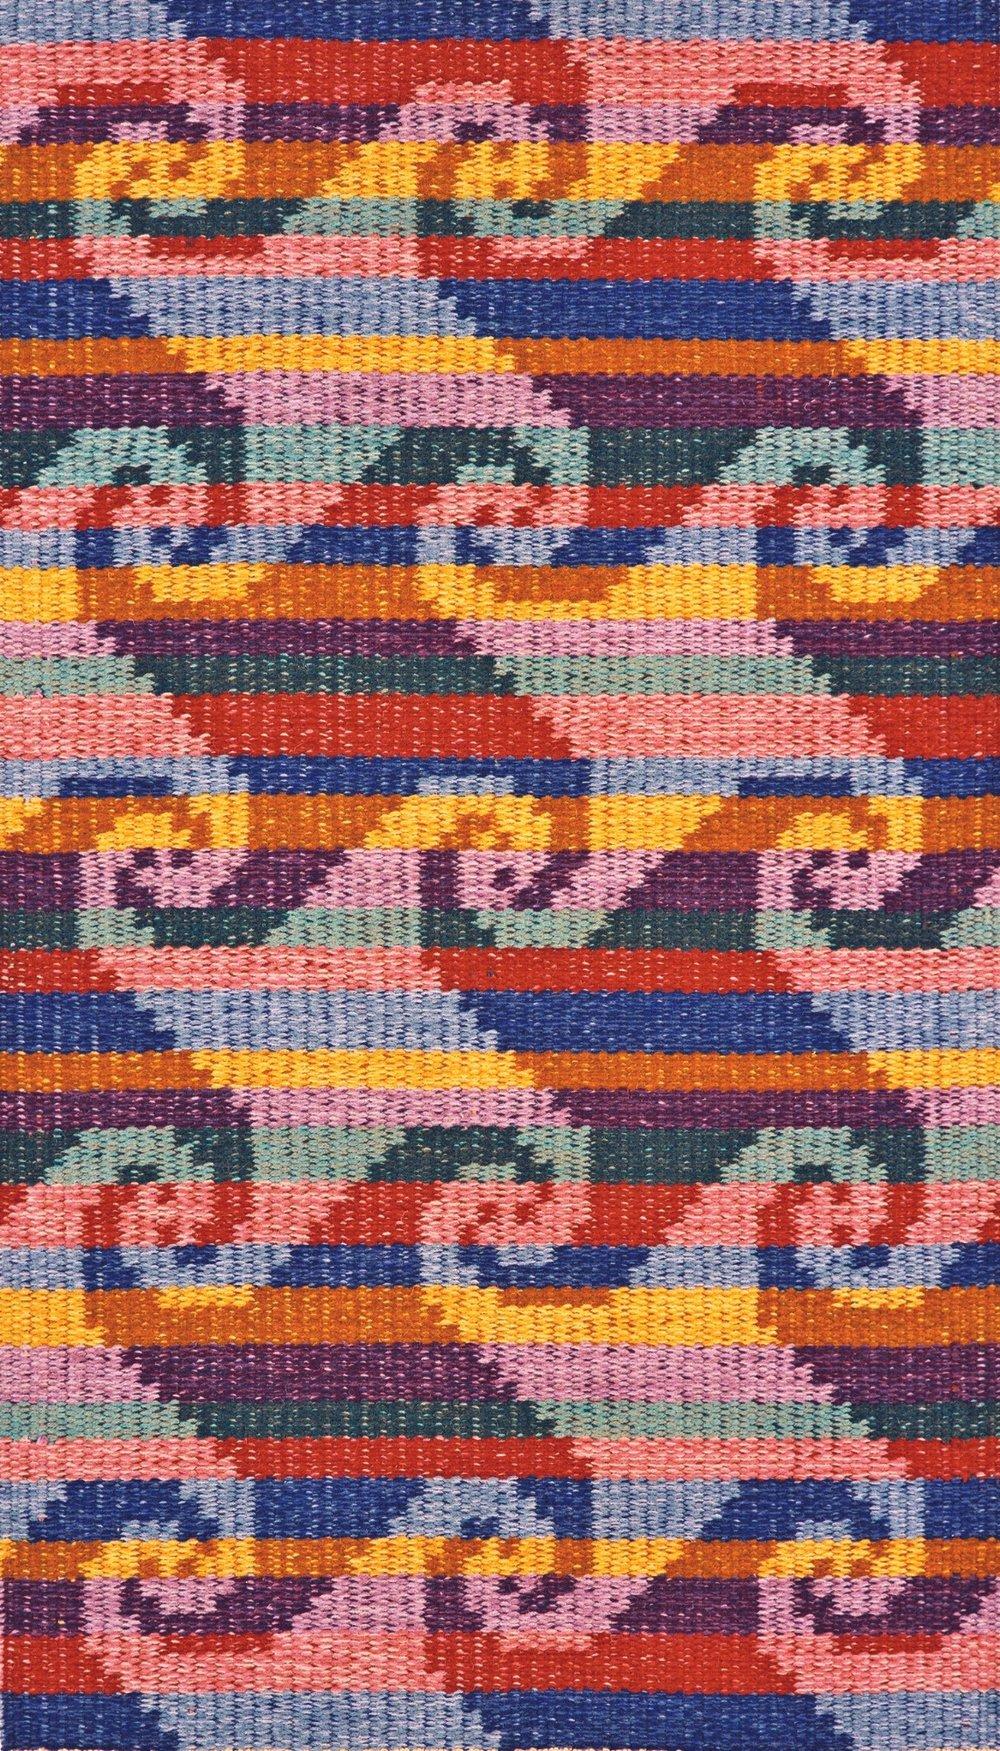 JJ0092.  Wool & linen. 94 x 160 cm.